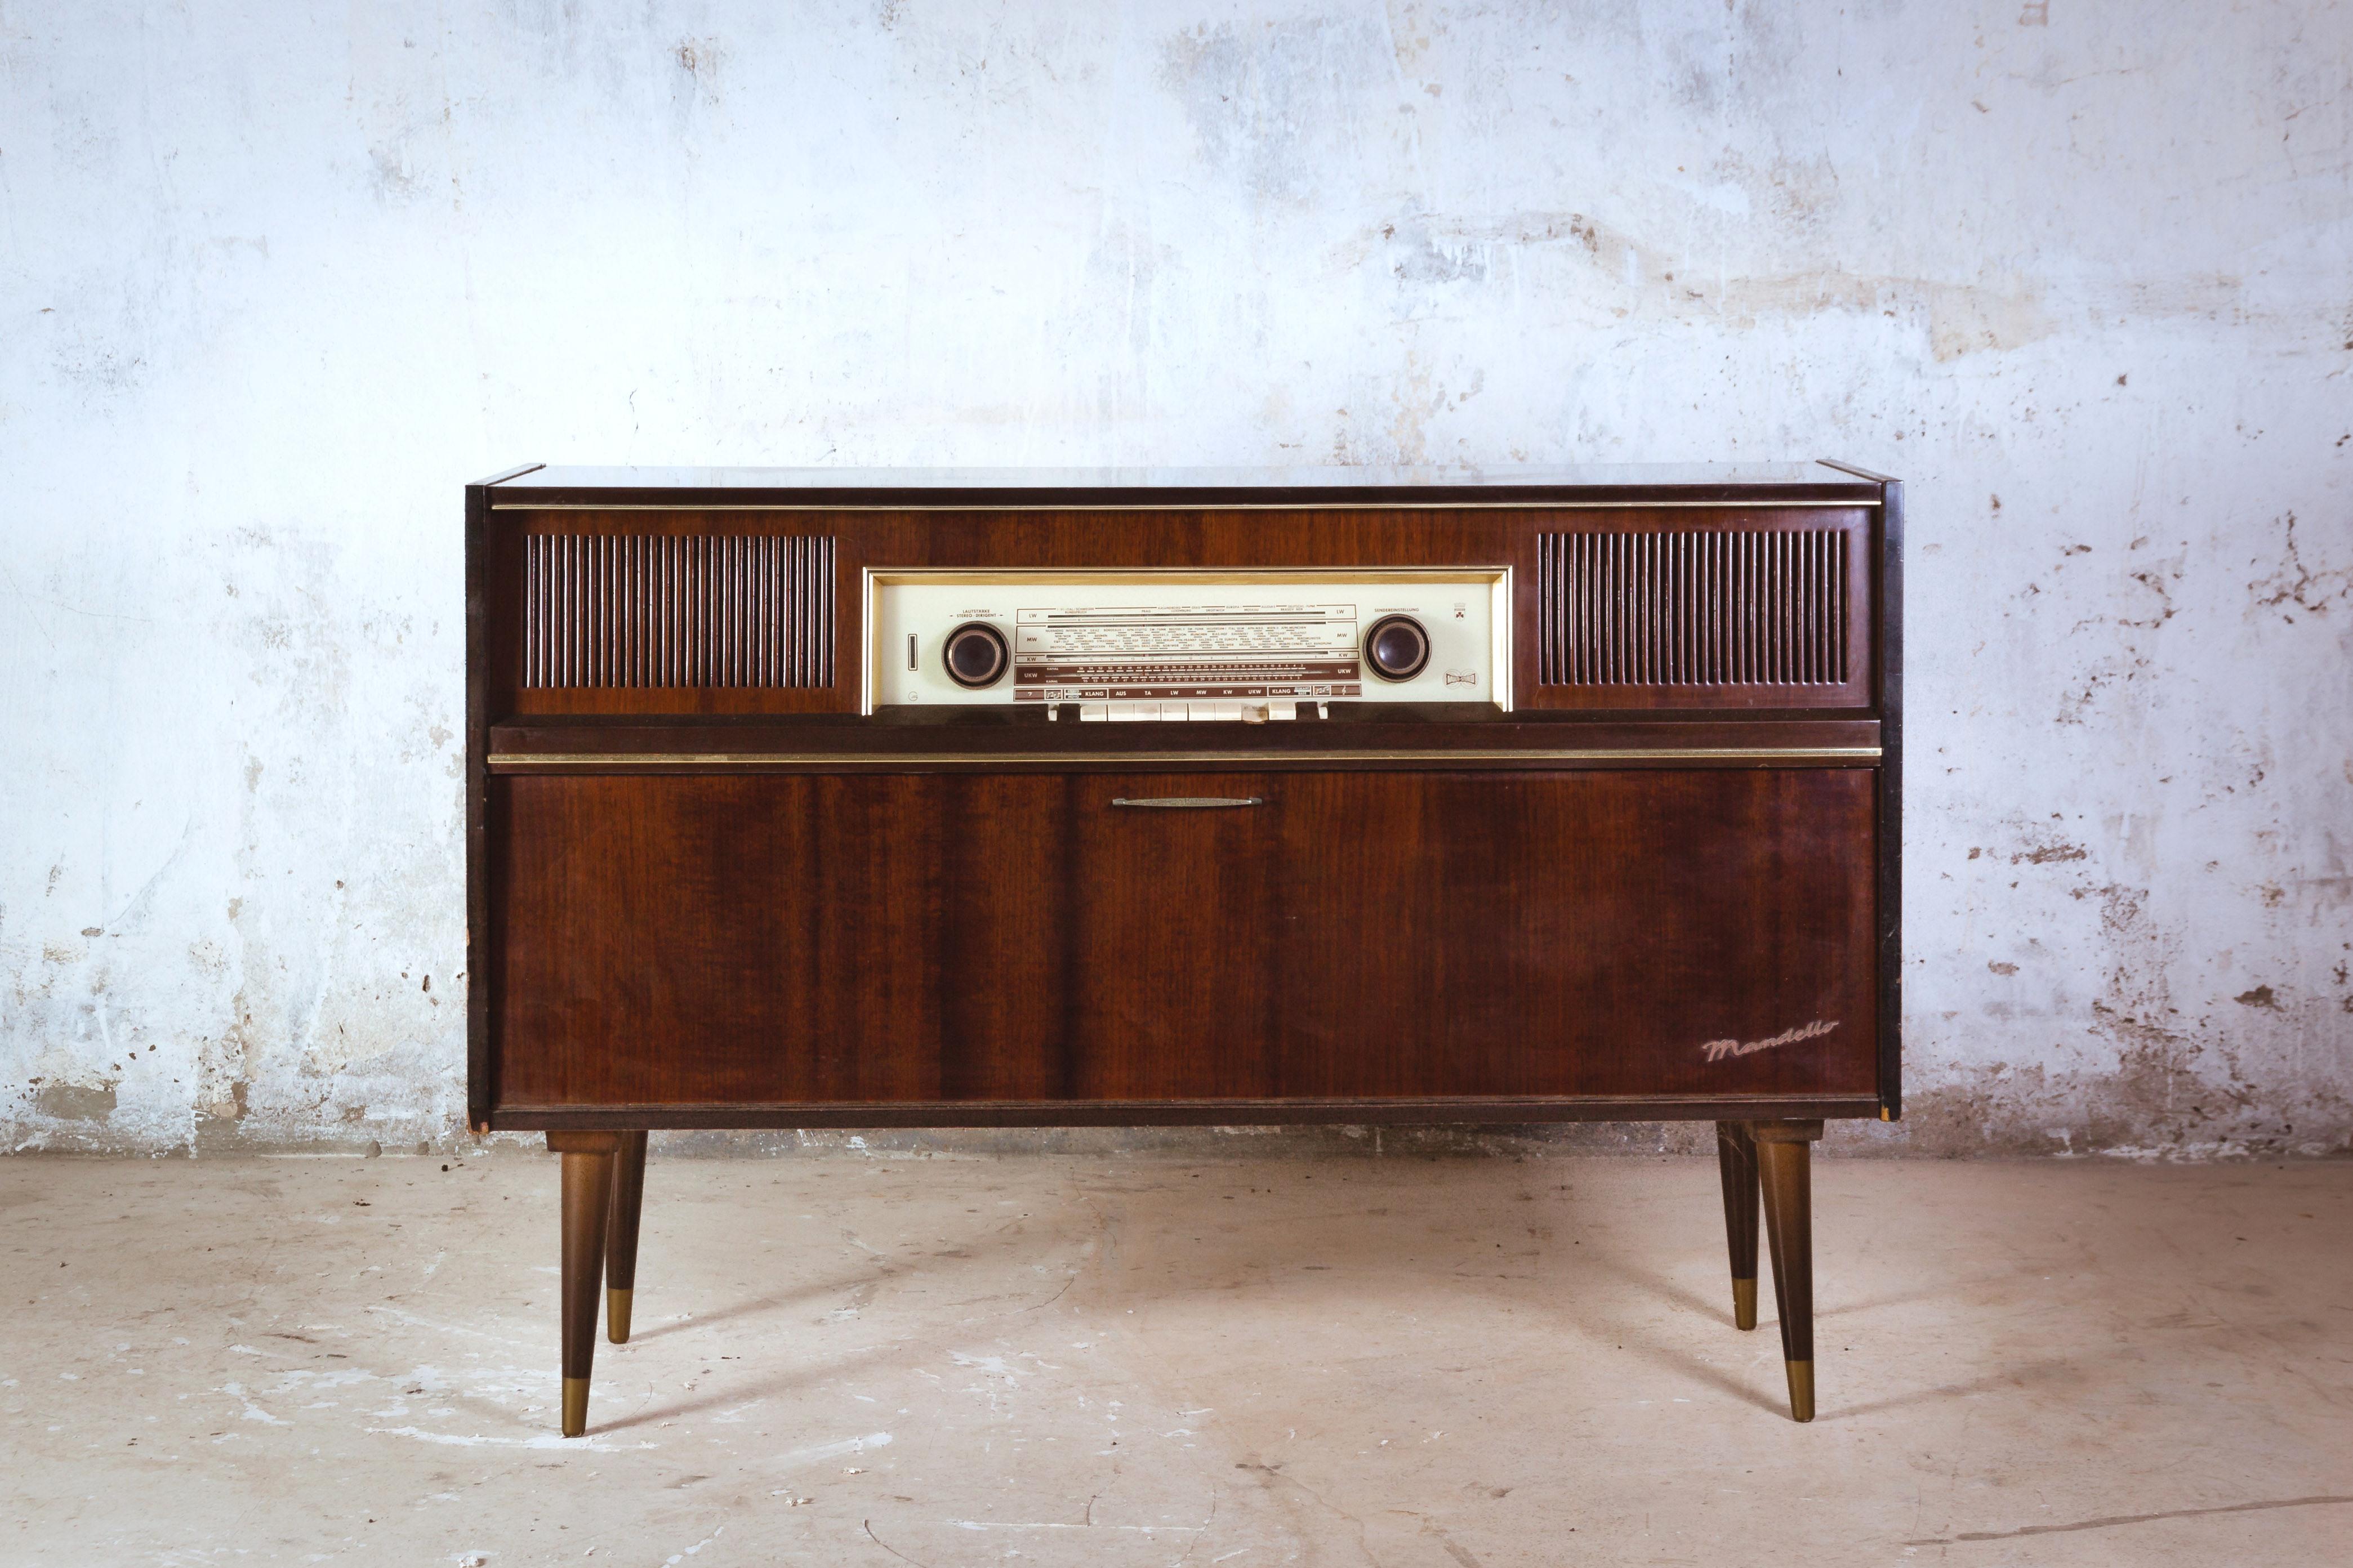 Radio Tocadiscos De Los A Os 60 Polonium 209 # Muebles Tocadiscos